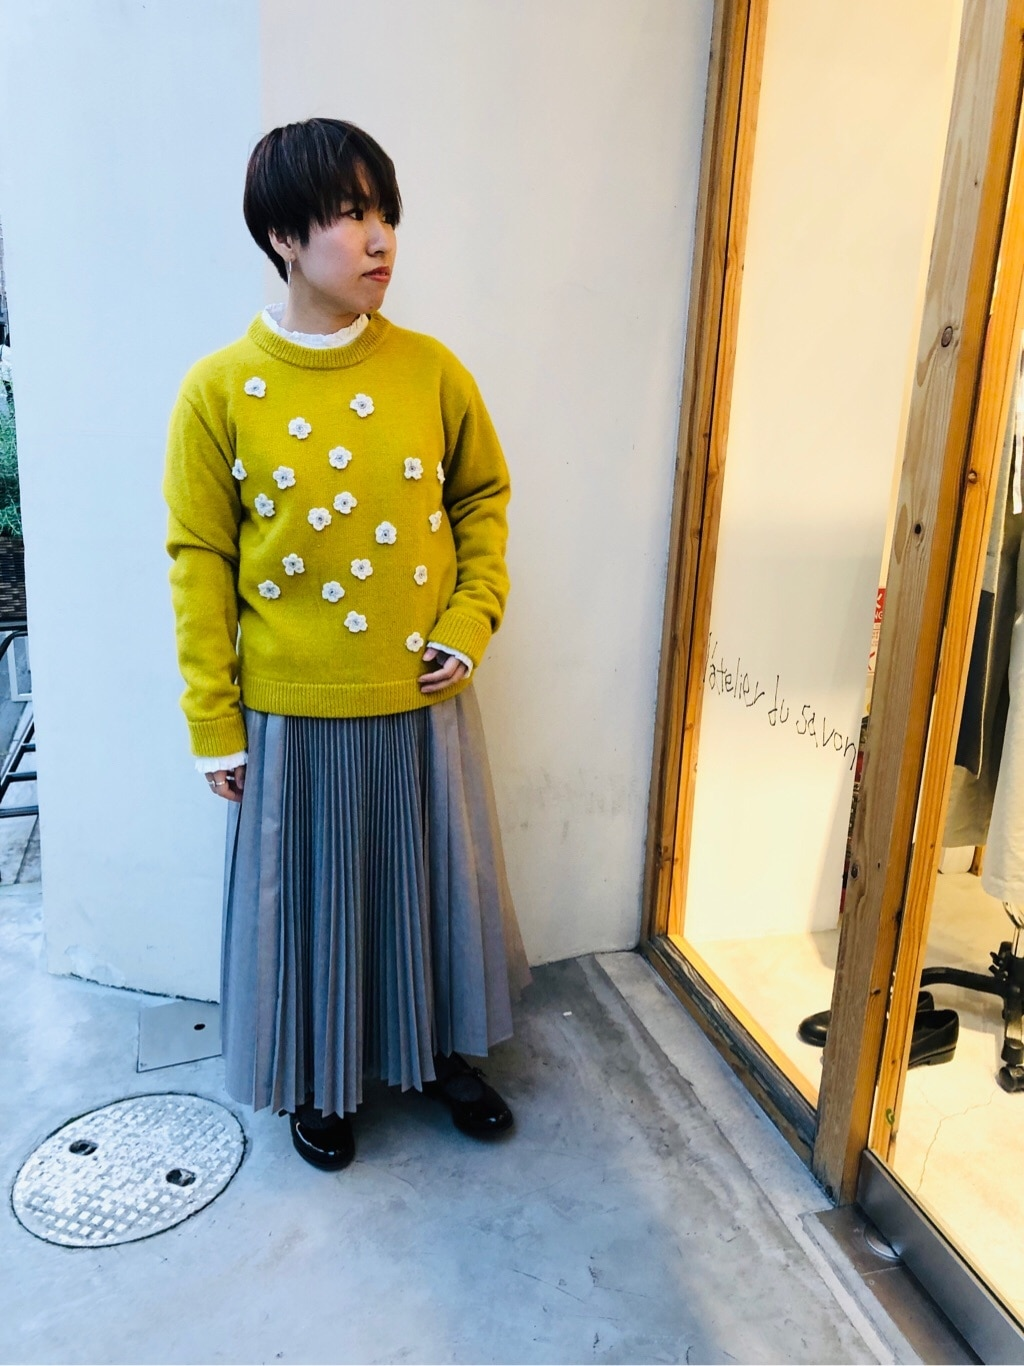 l'atelier du savon 京都路面 身長:148cm 2019.11.10